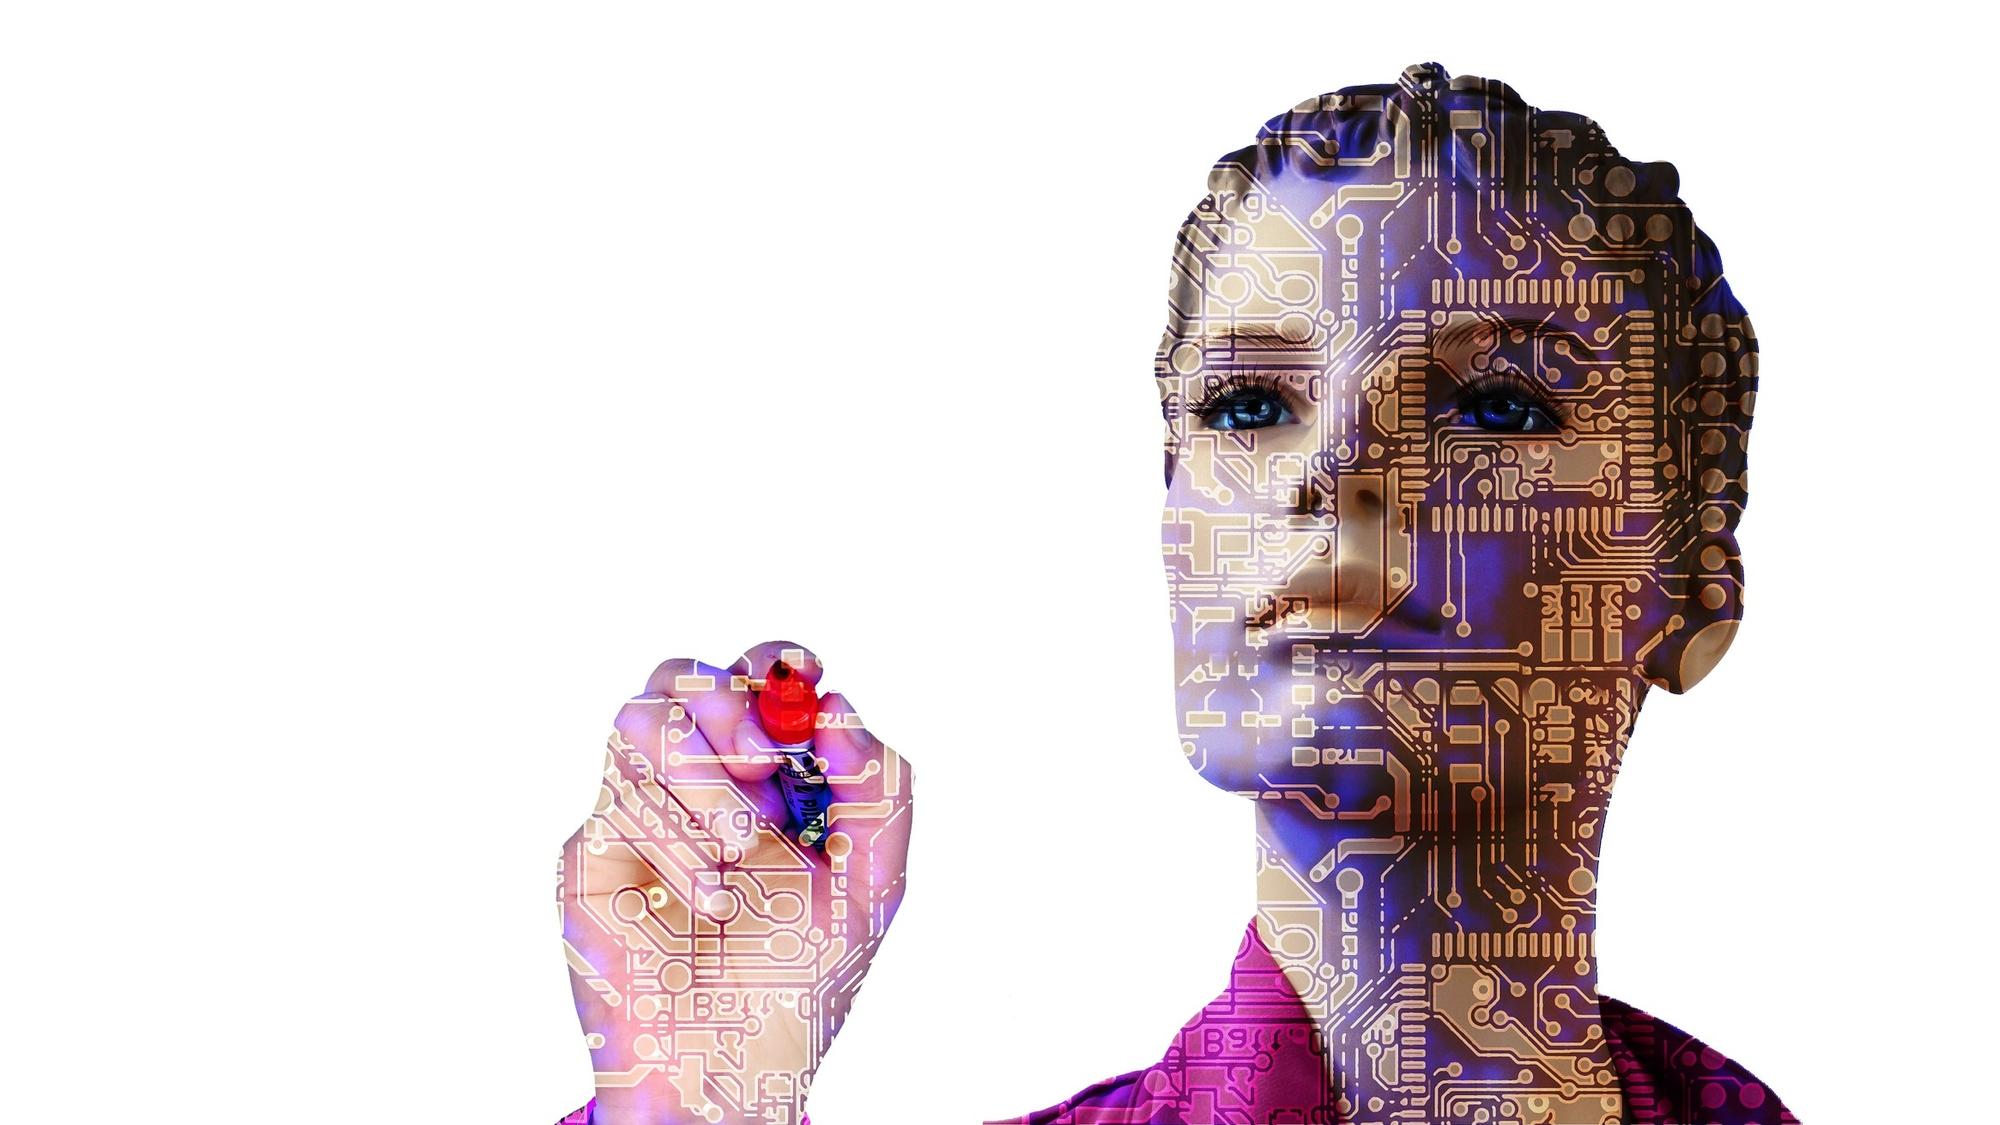 """El lado humano detrás de la """"Inteligencia Artificial"""""""